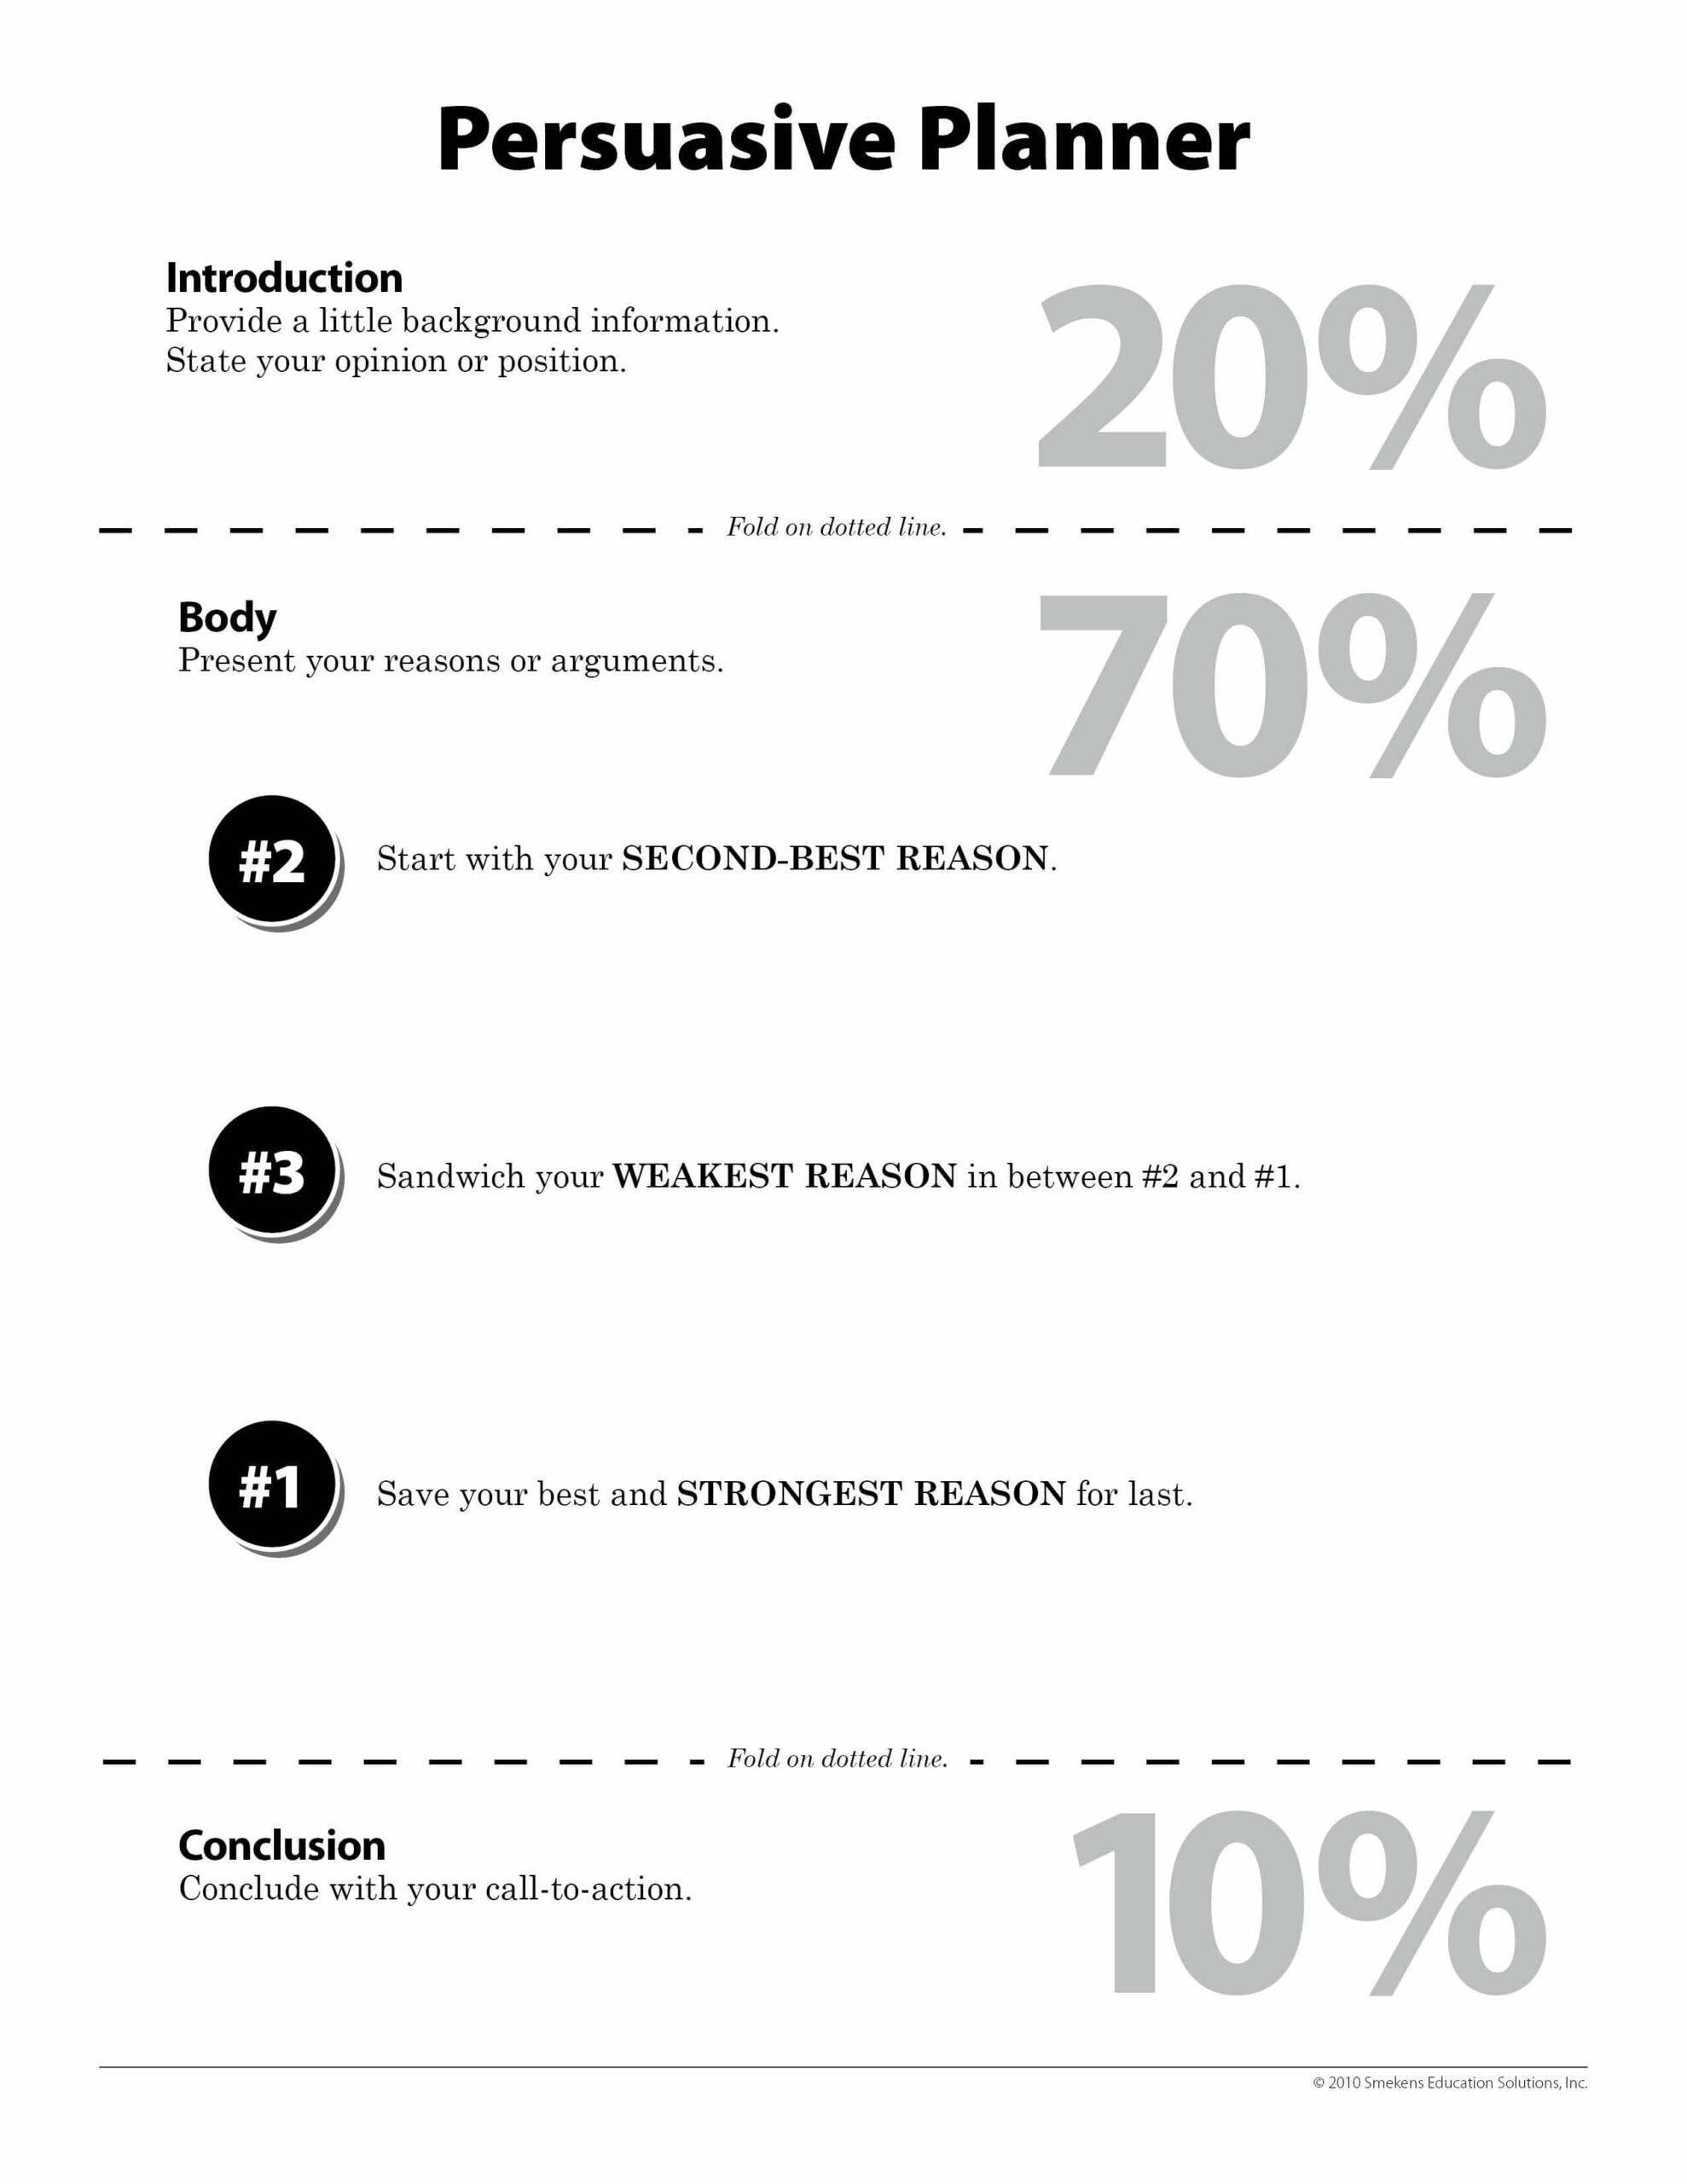 Persuasive Planner 2-3-1 - Downloadable Resource